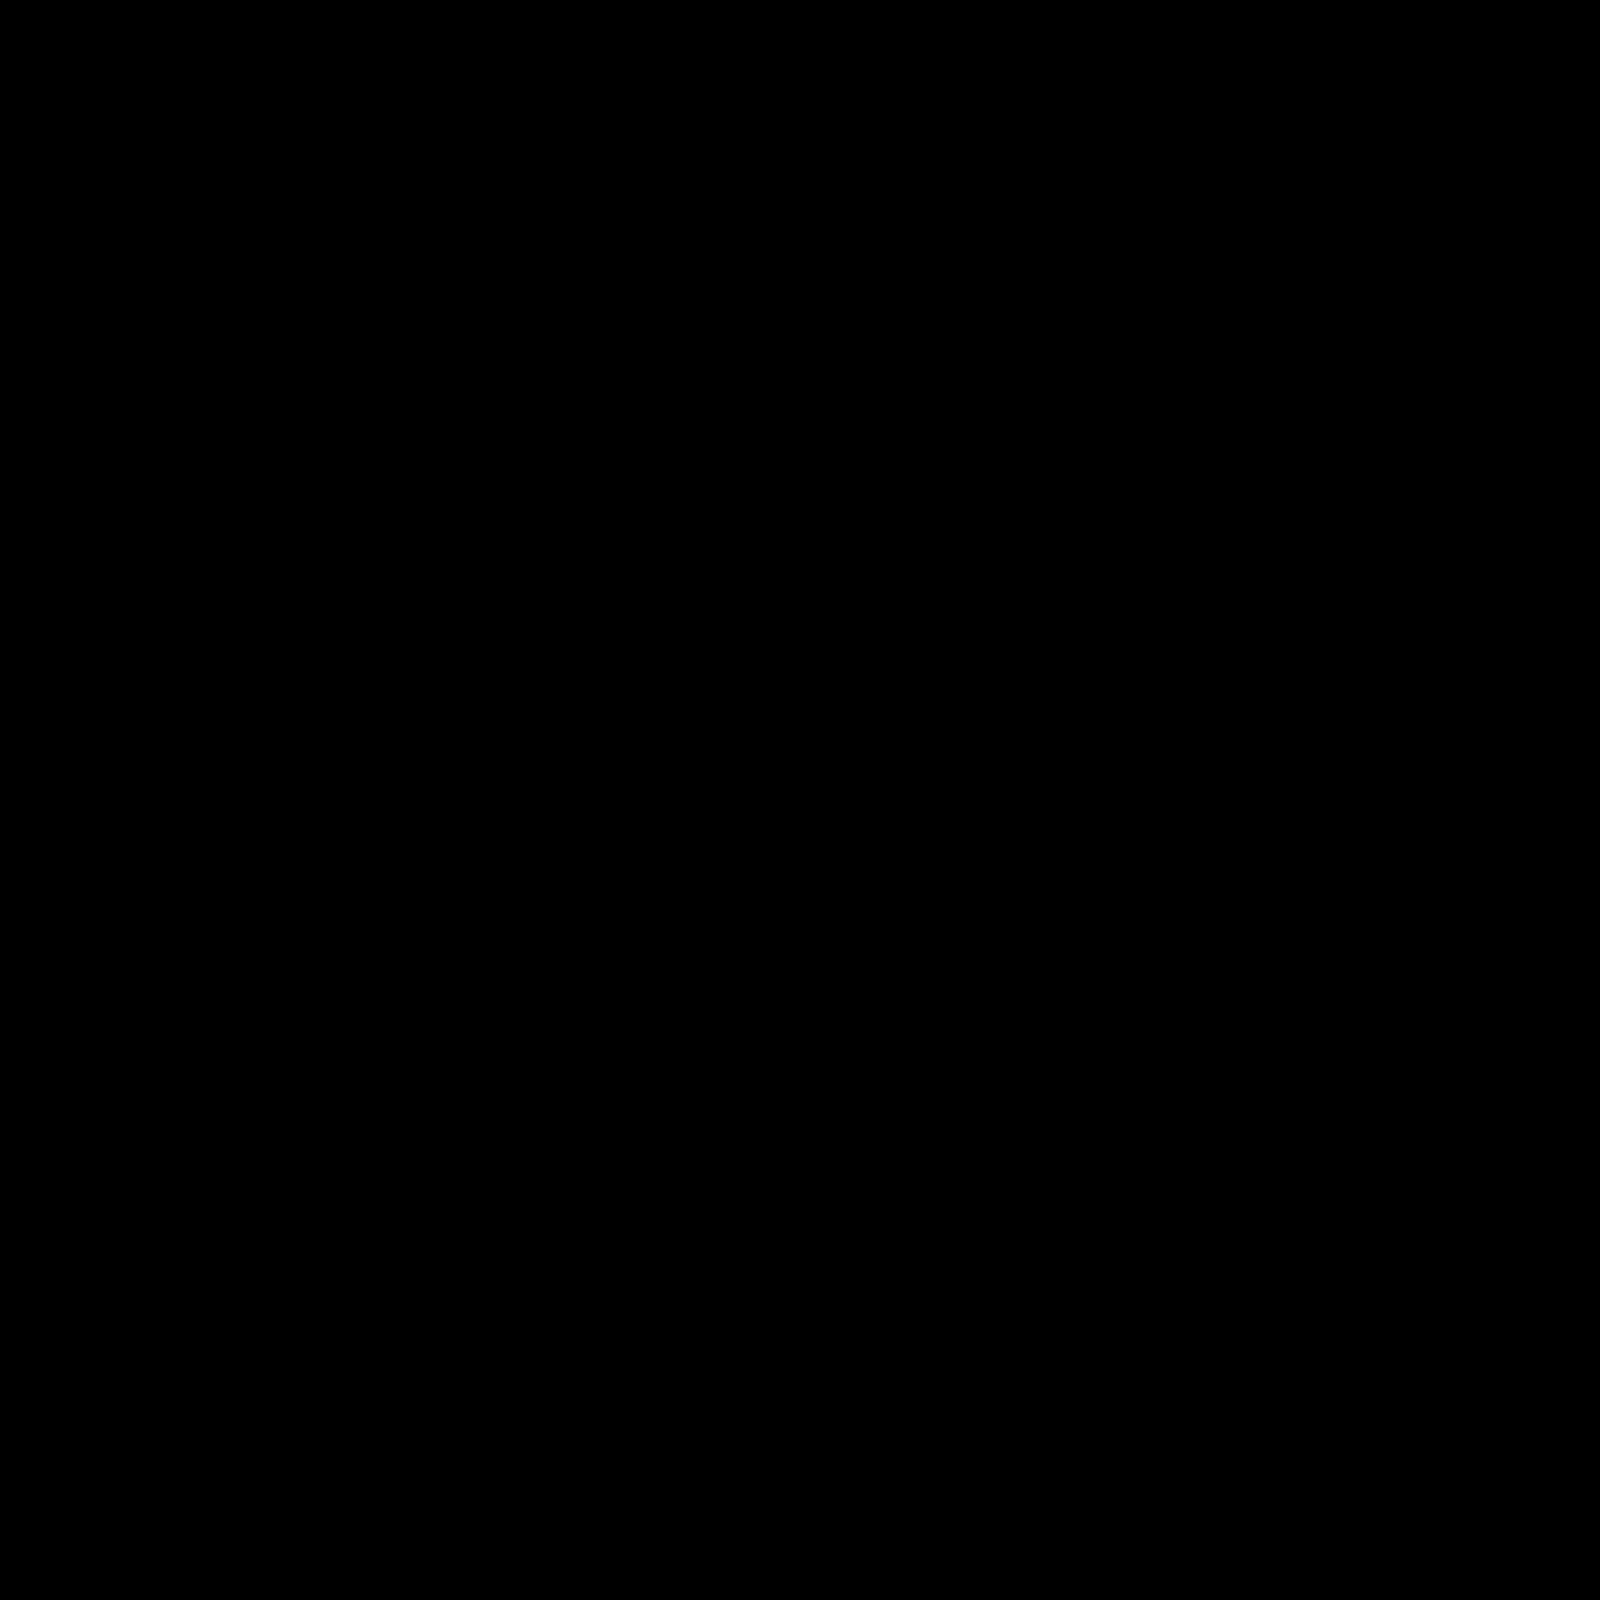 Siekiera strażacka icon